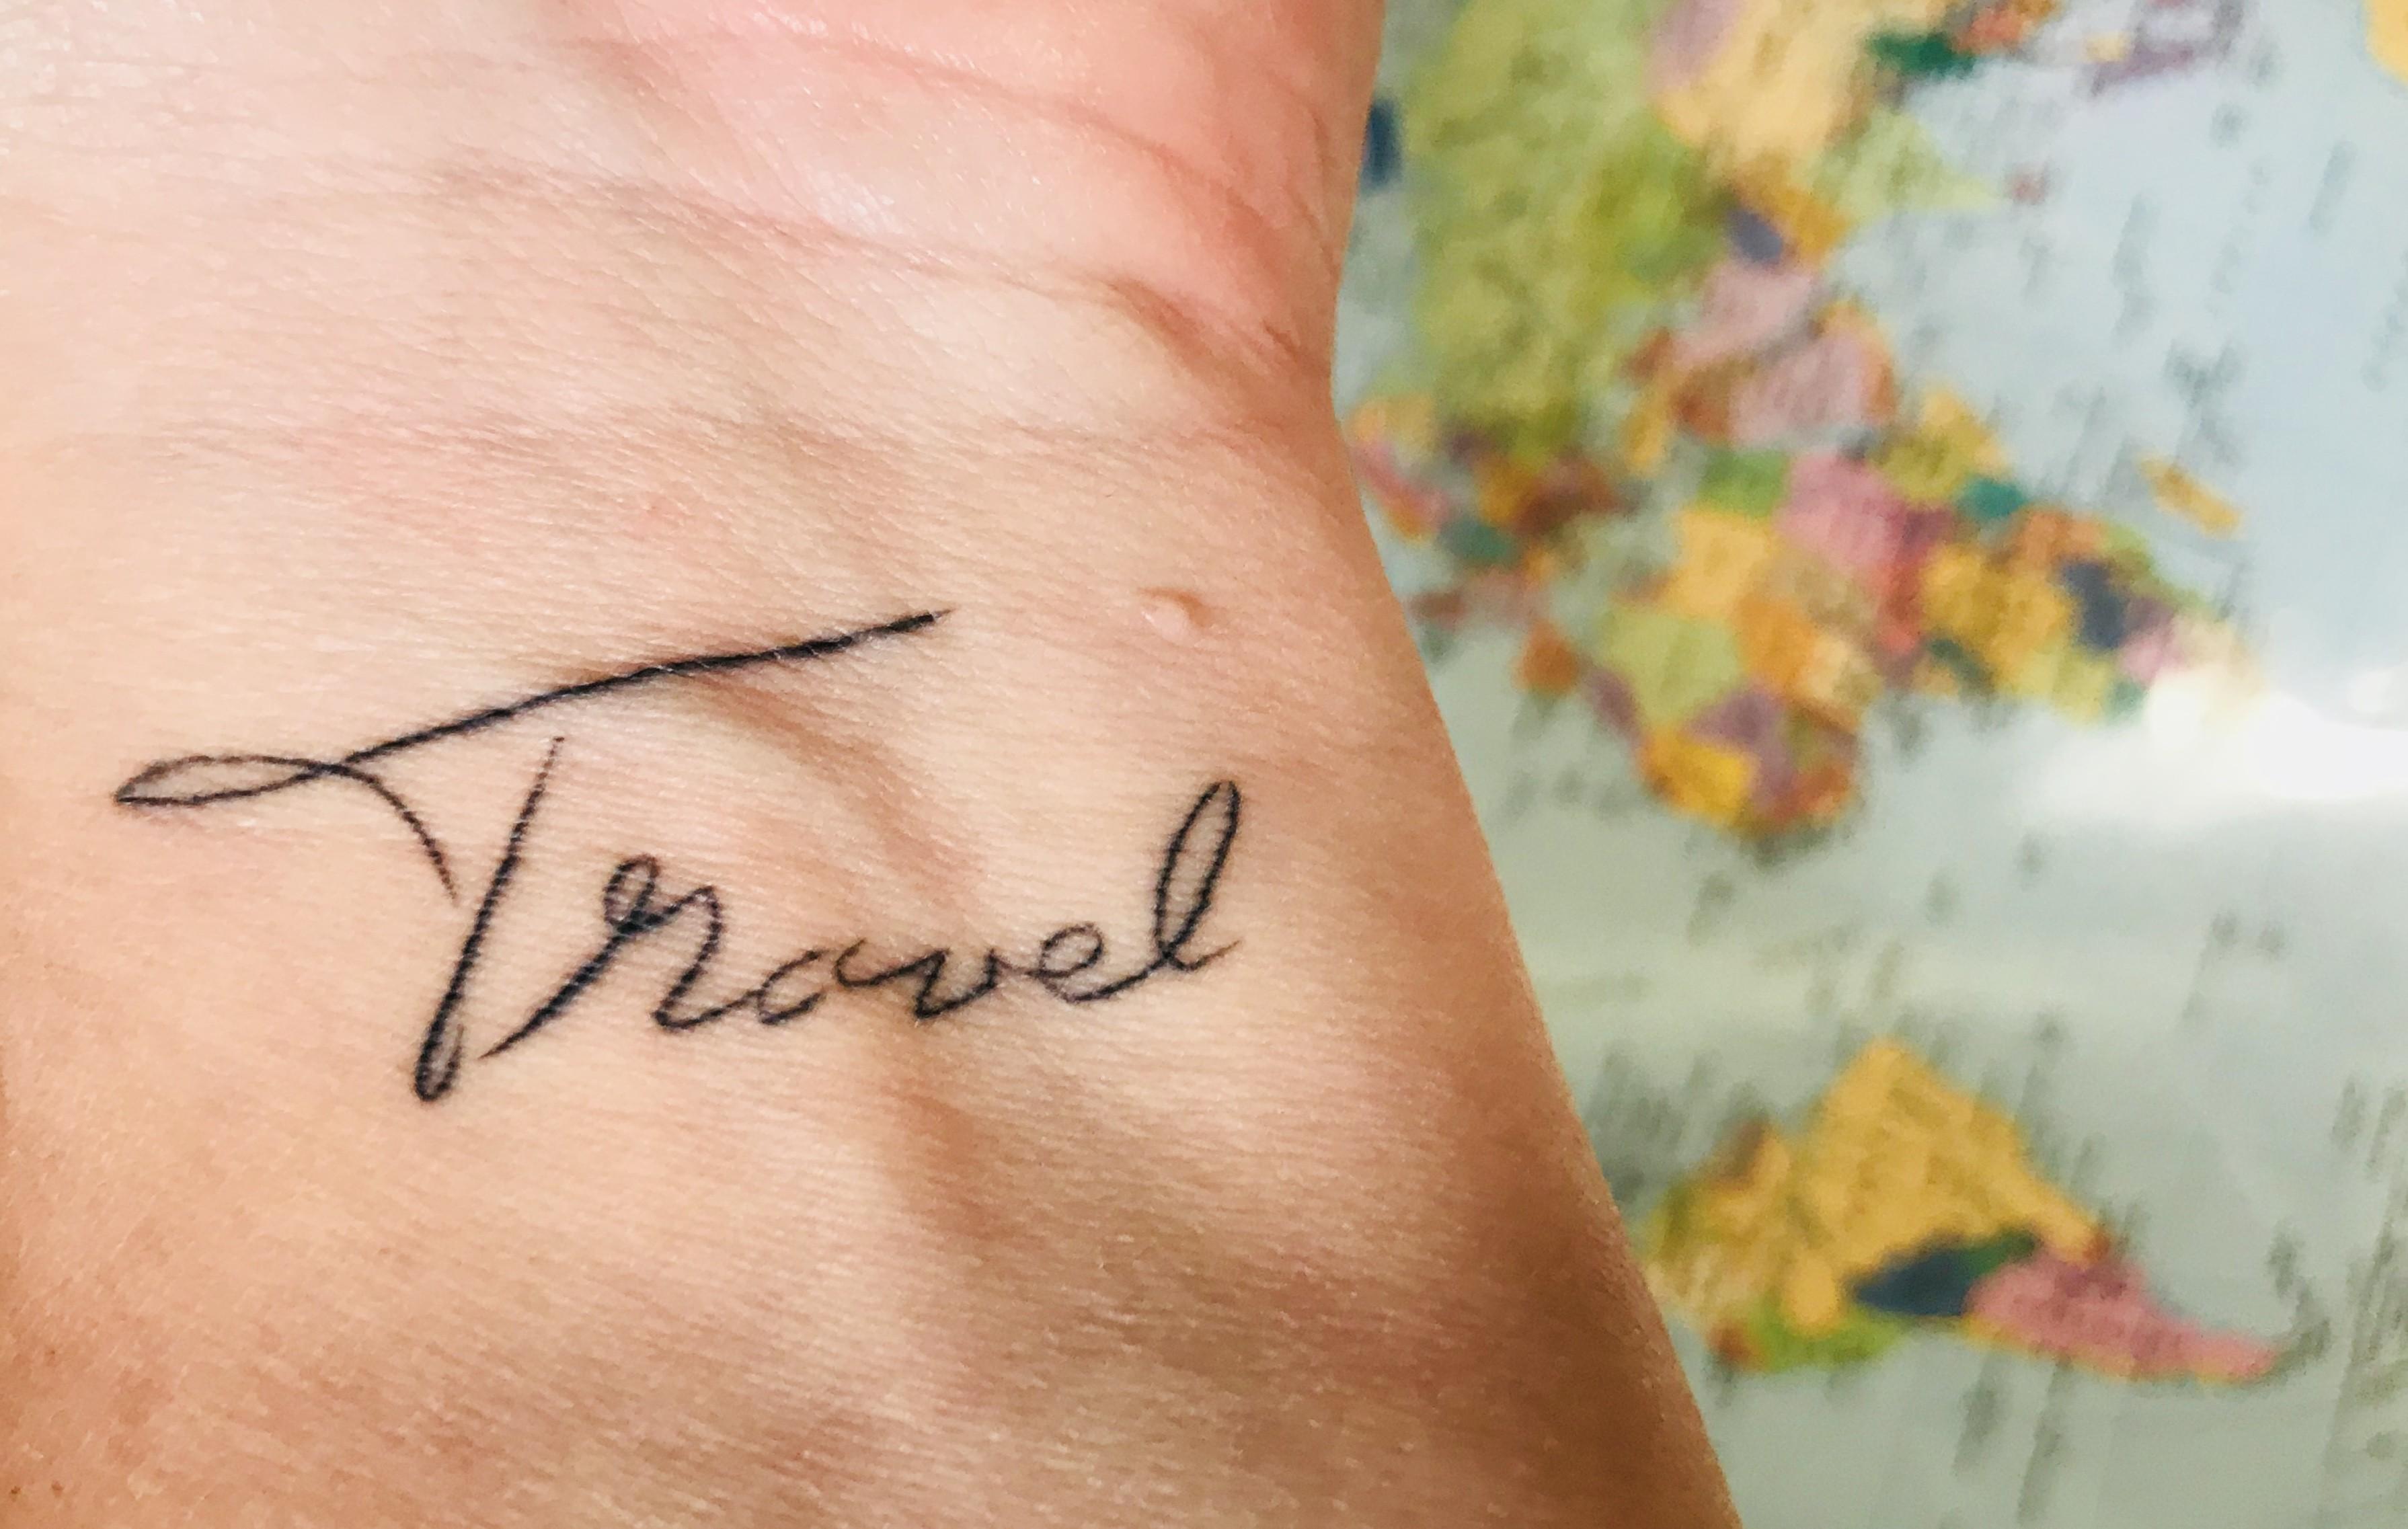 Een tatoeage in het buitenland laten zetten, waar let je op?